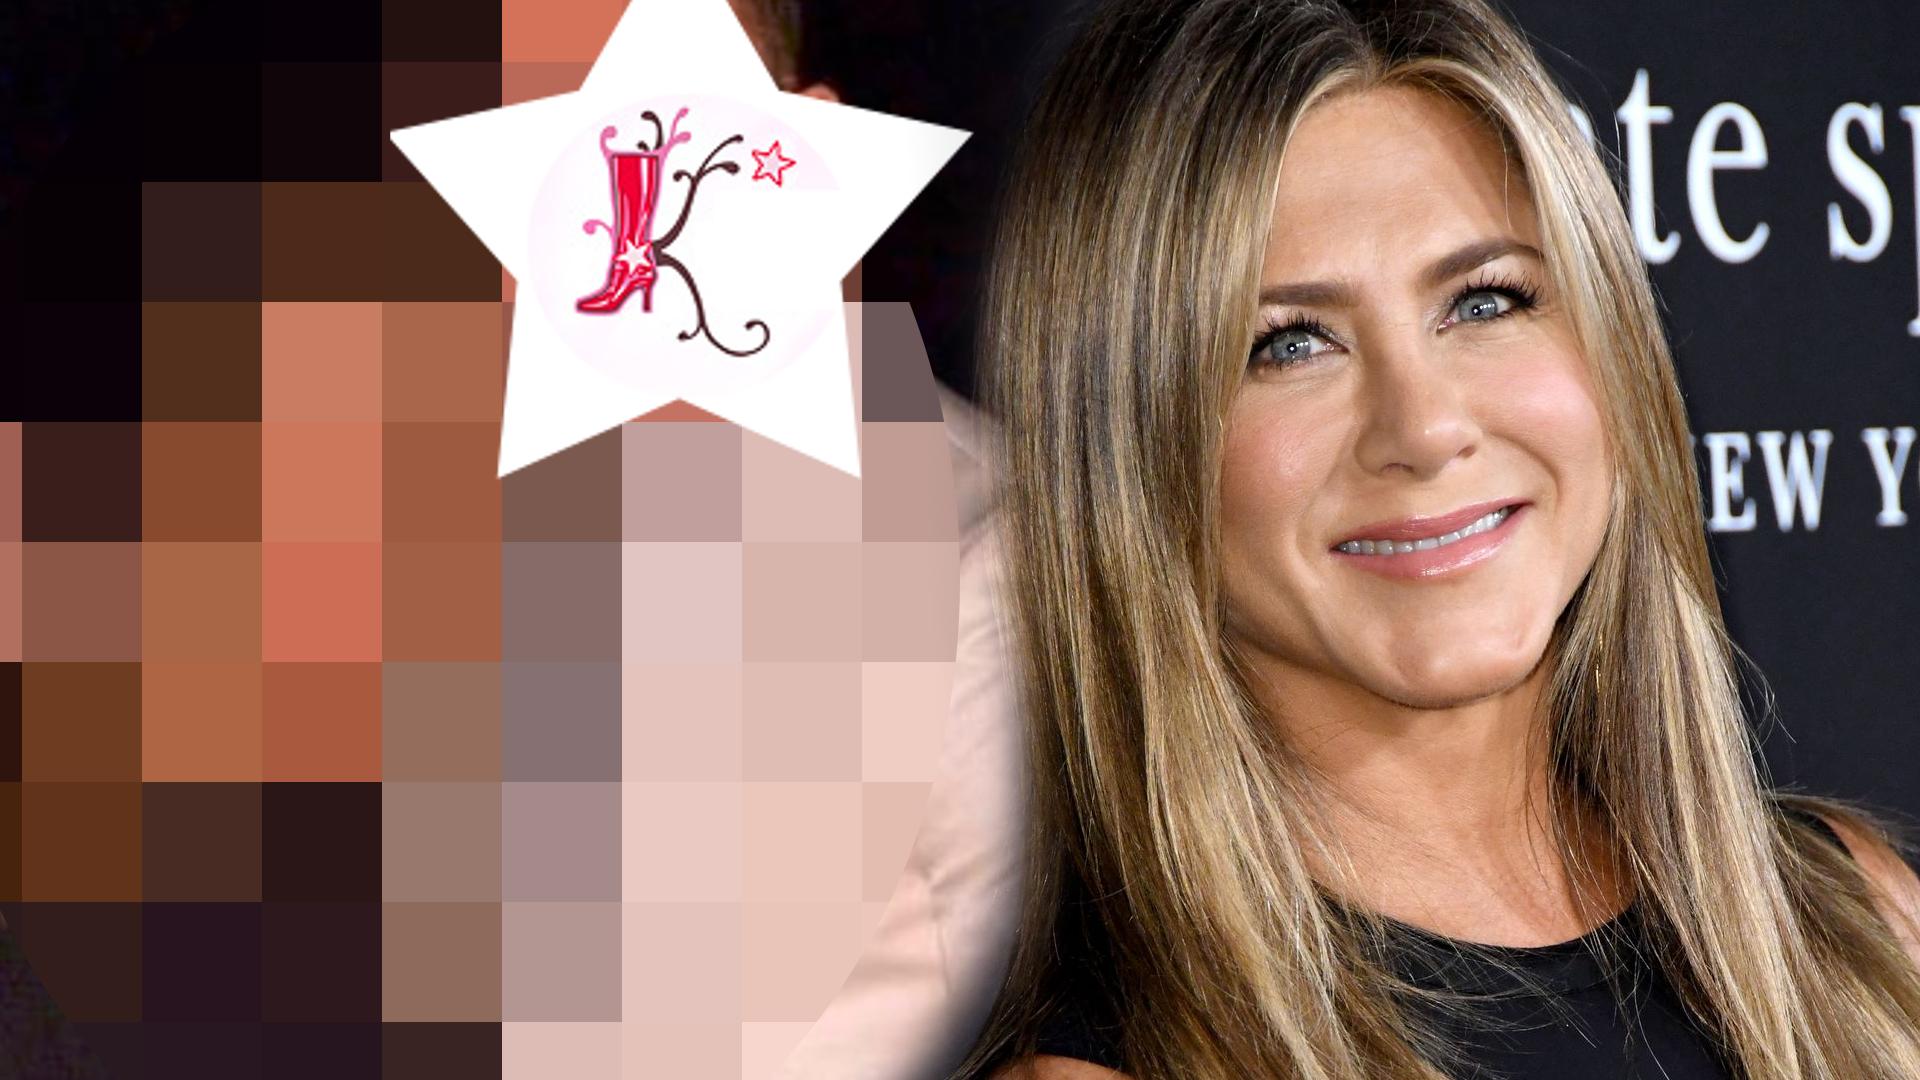 To ON pocieszał Jennifer Aniston po rozstaniu z Justinem!